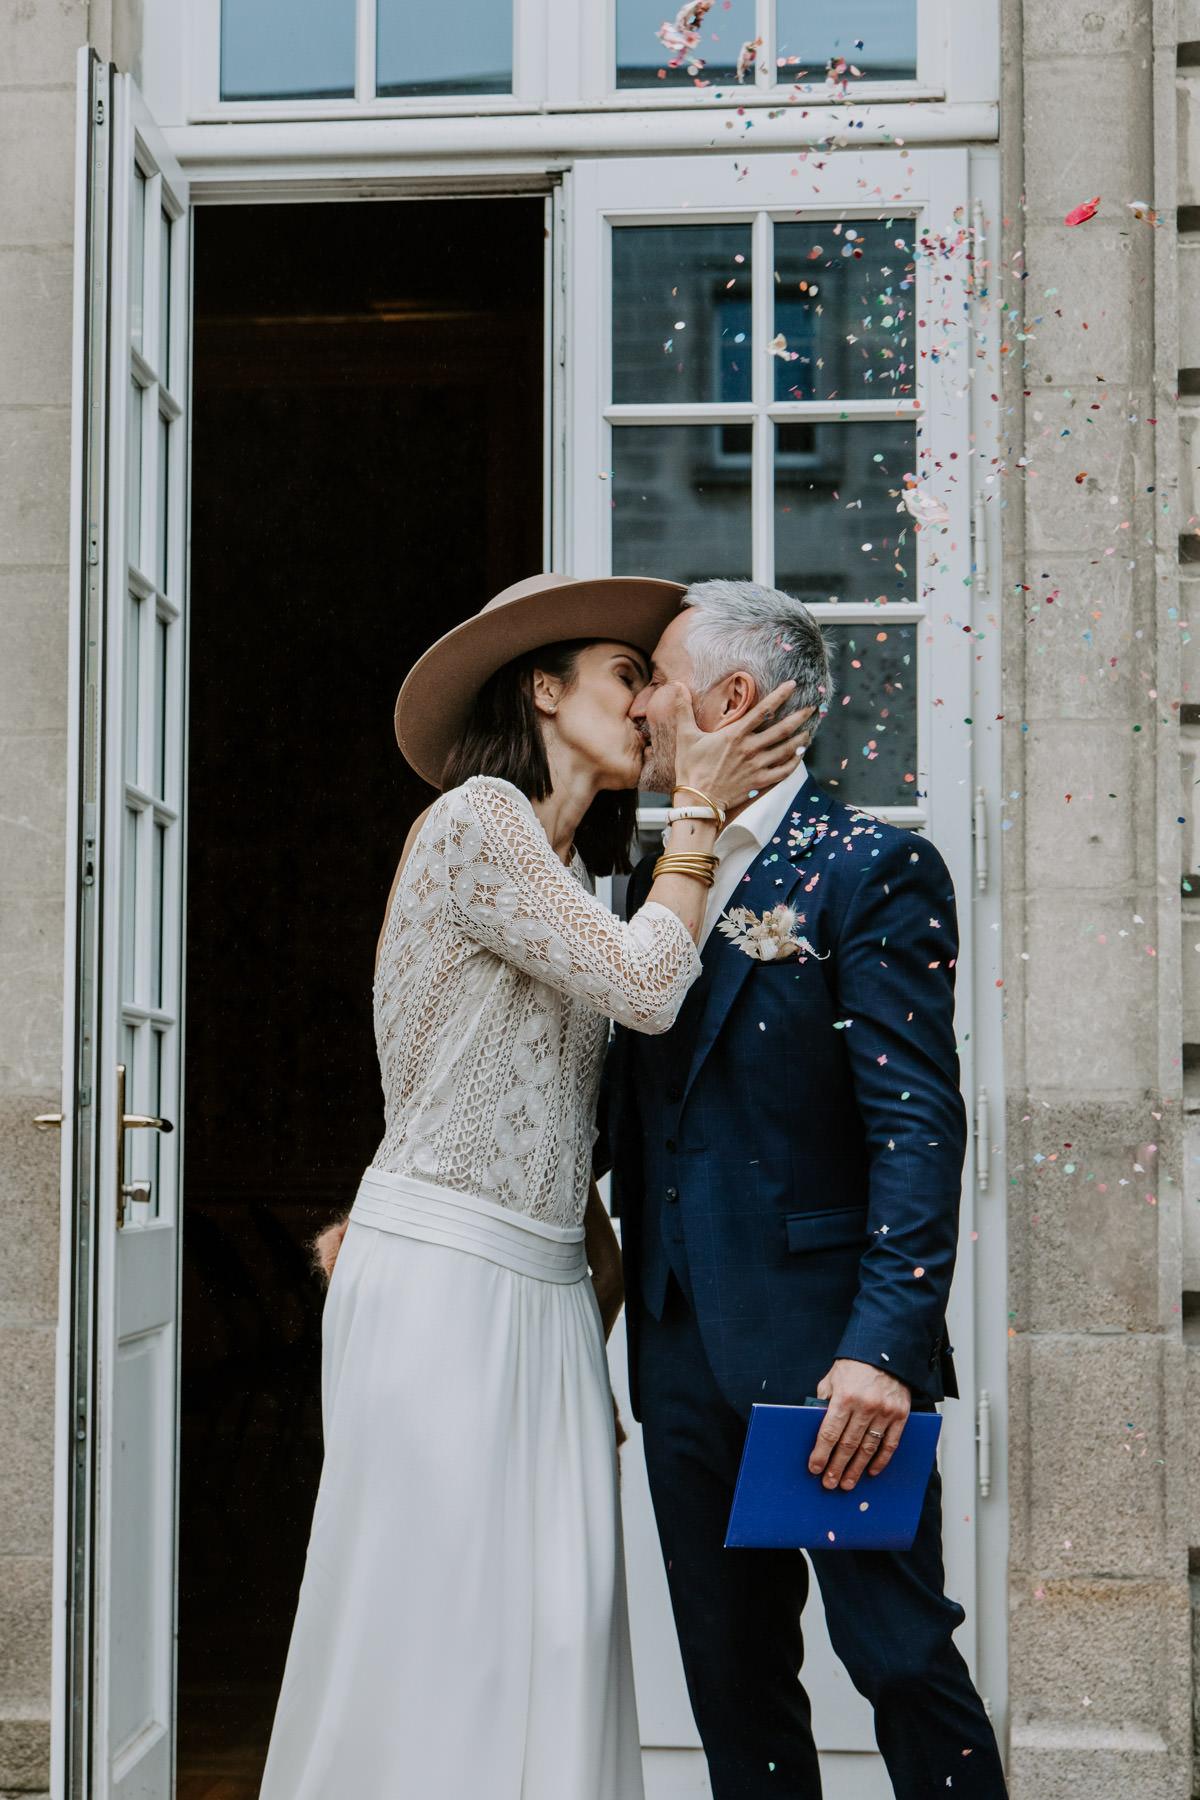 sortie de mairie nantes baiser amour